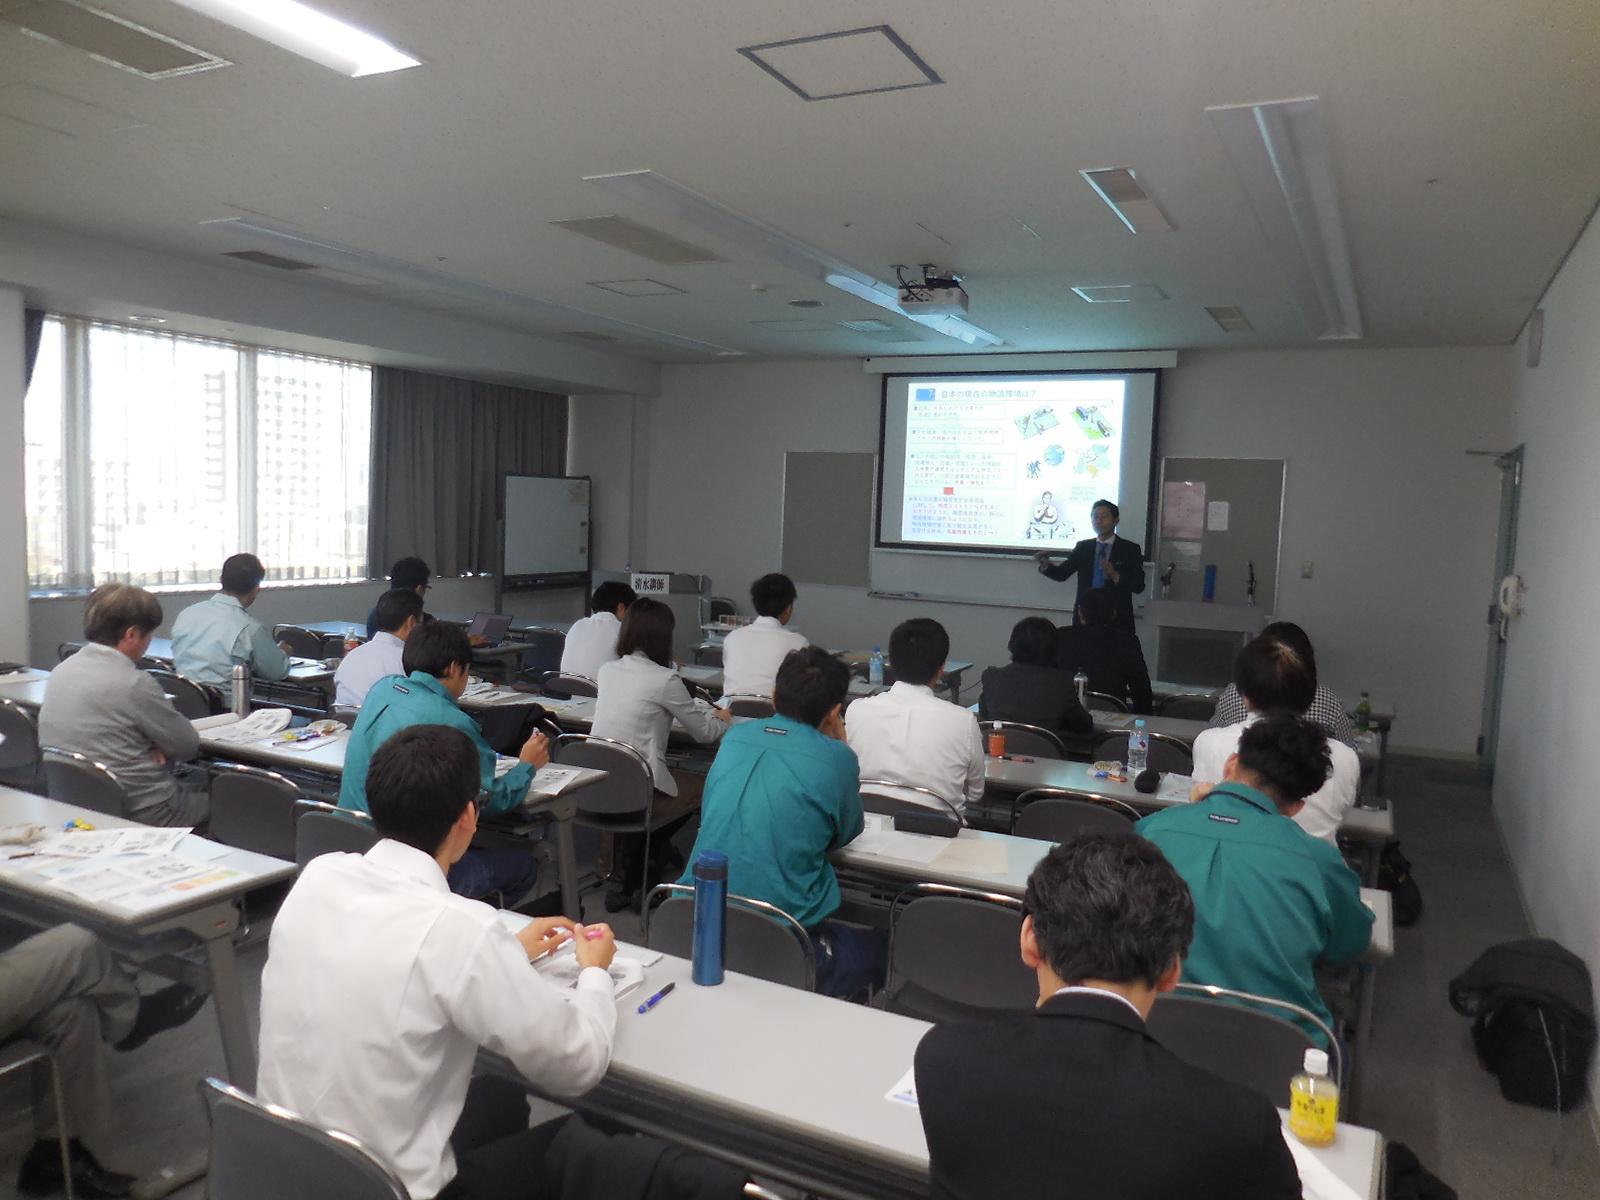 【 講 演 】 公益社団法人日本包装技術協会 様 主催 静岡県包装研究会